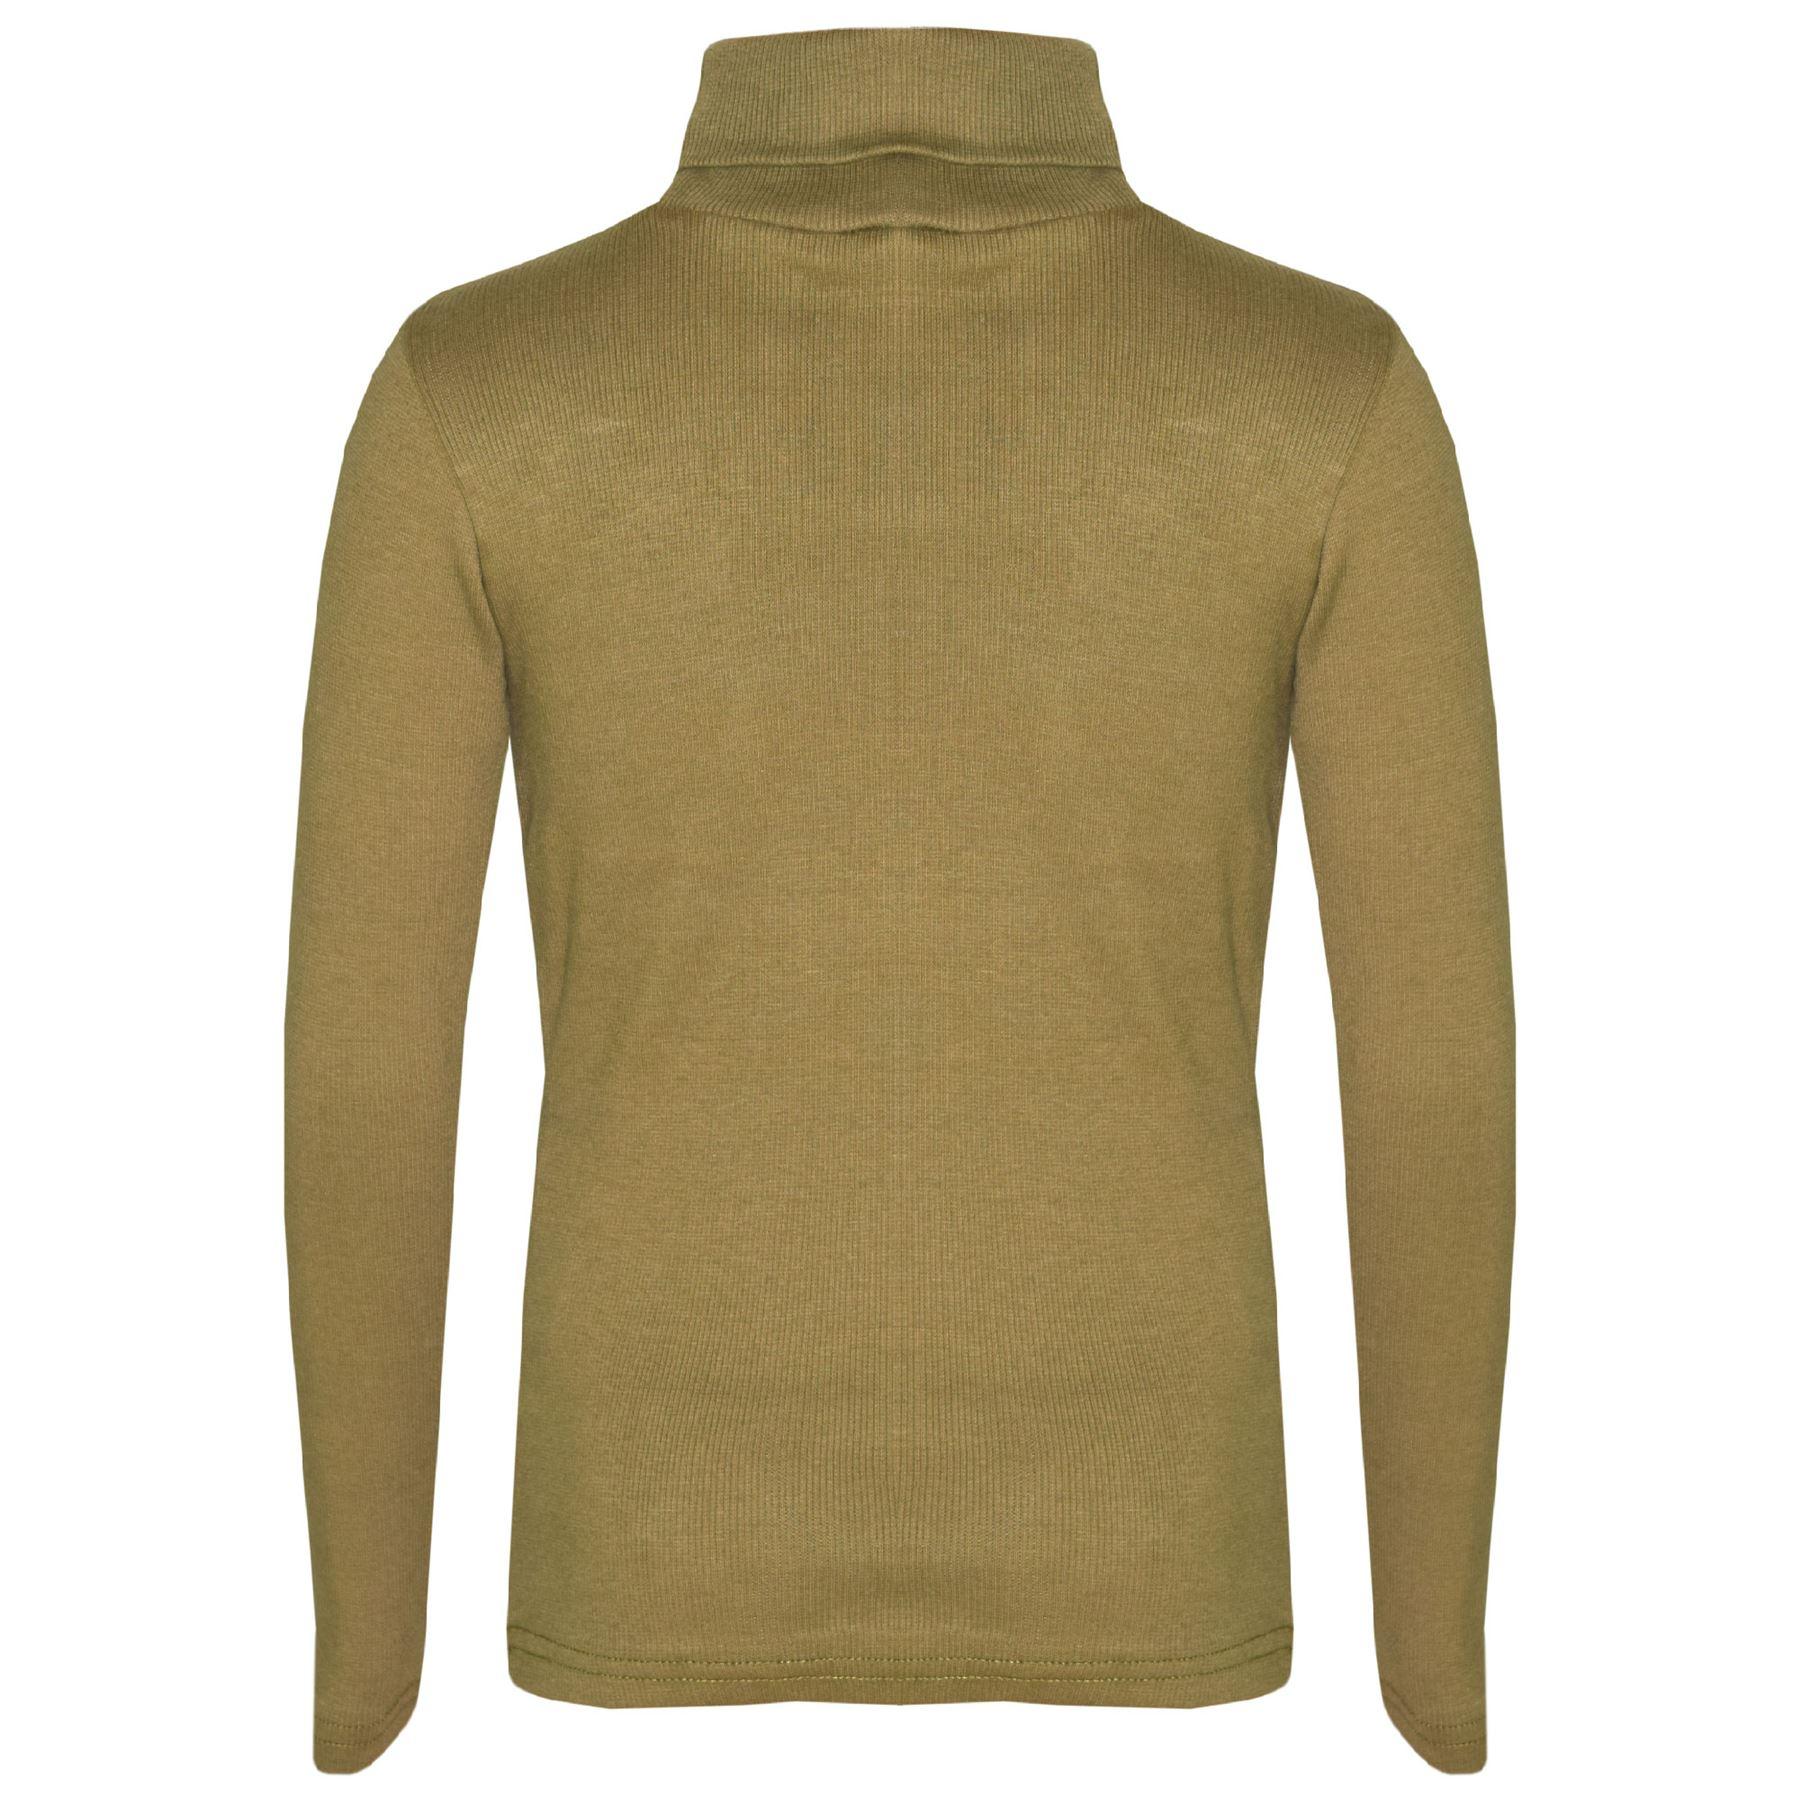 Enfants-Filles-Col-Polo-T-Shirt-Coton-Epais-Pull-a-Roule-Haut-Manches-Longues